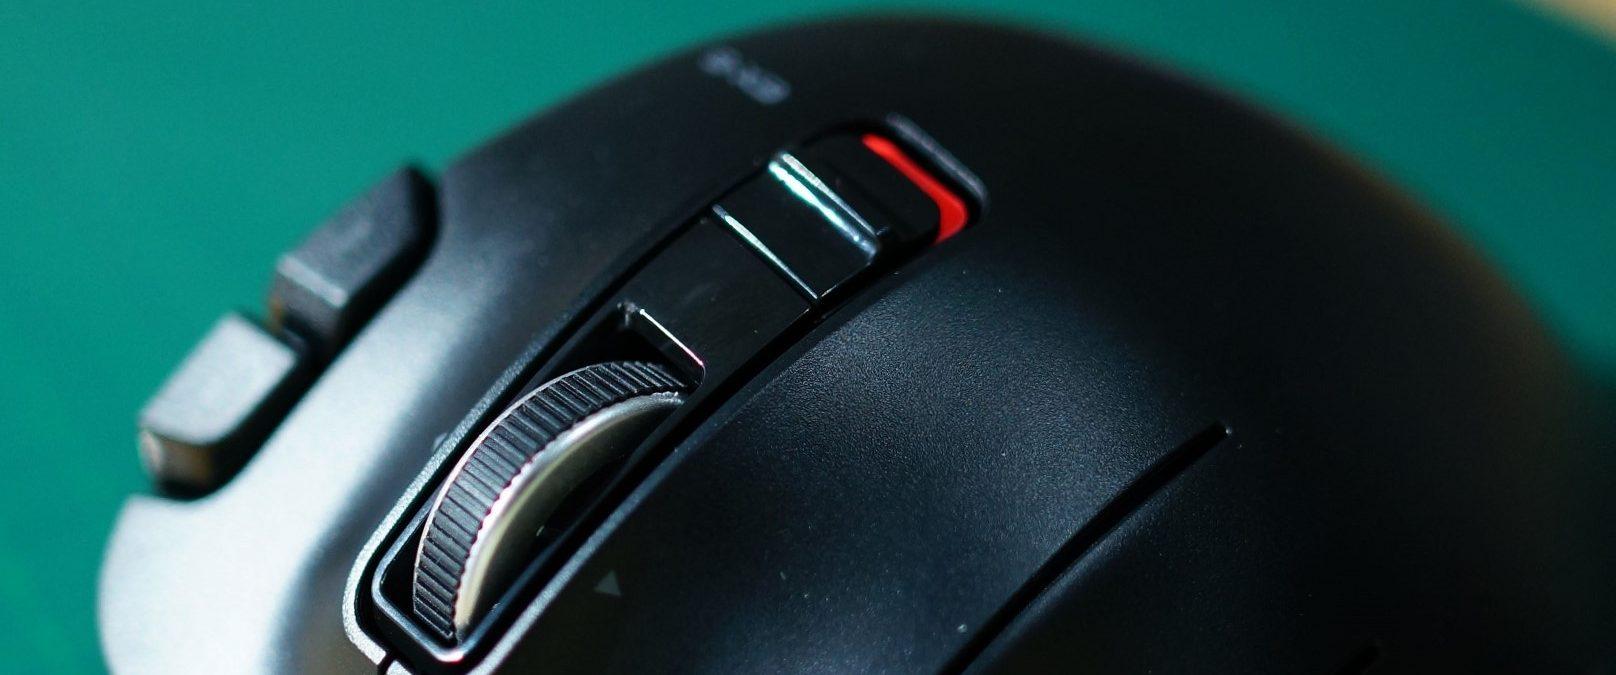 エレコム トラックボールマウス M-XT4DRBK イメージ